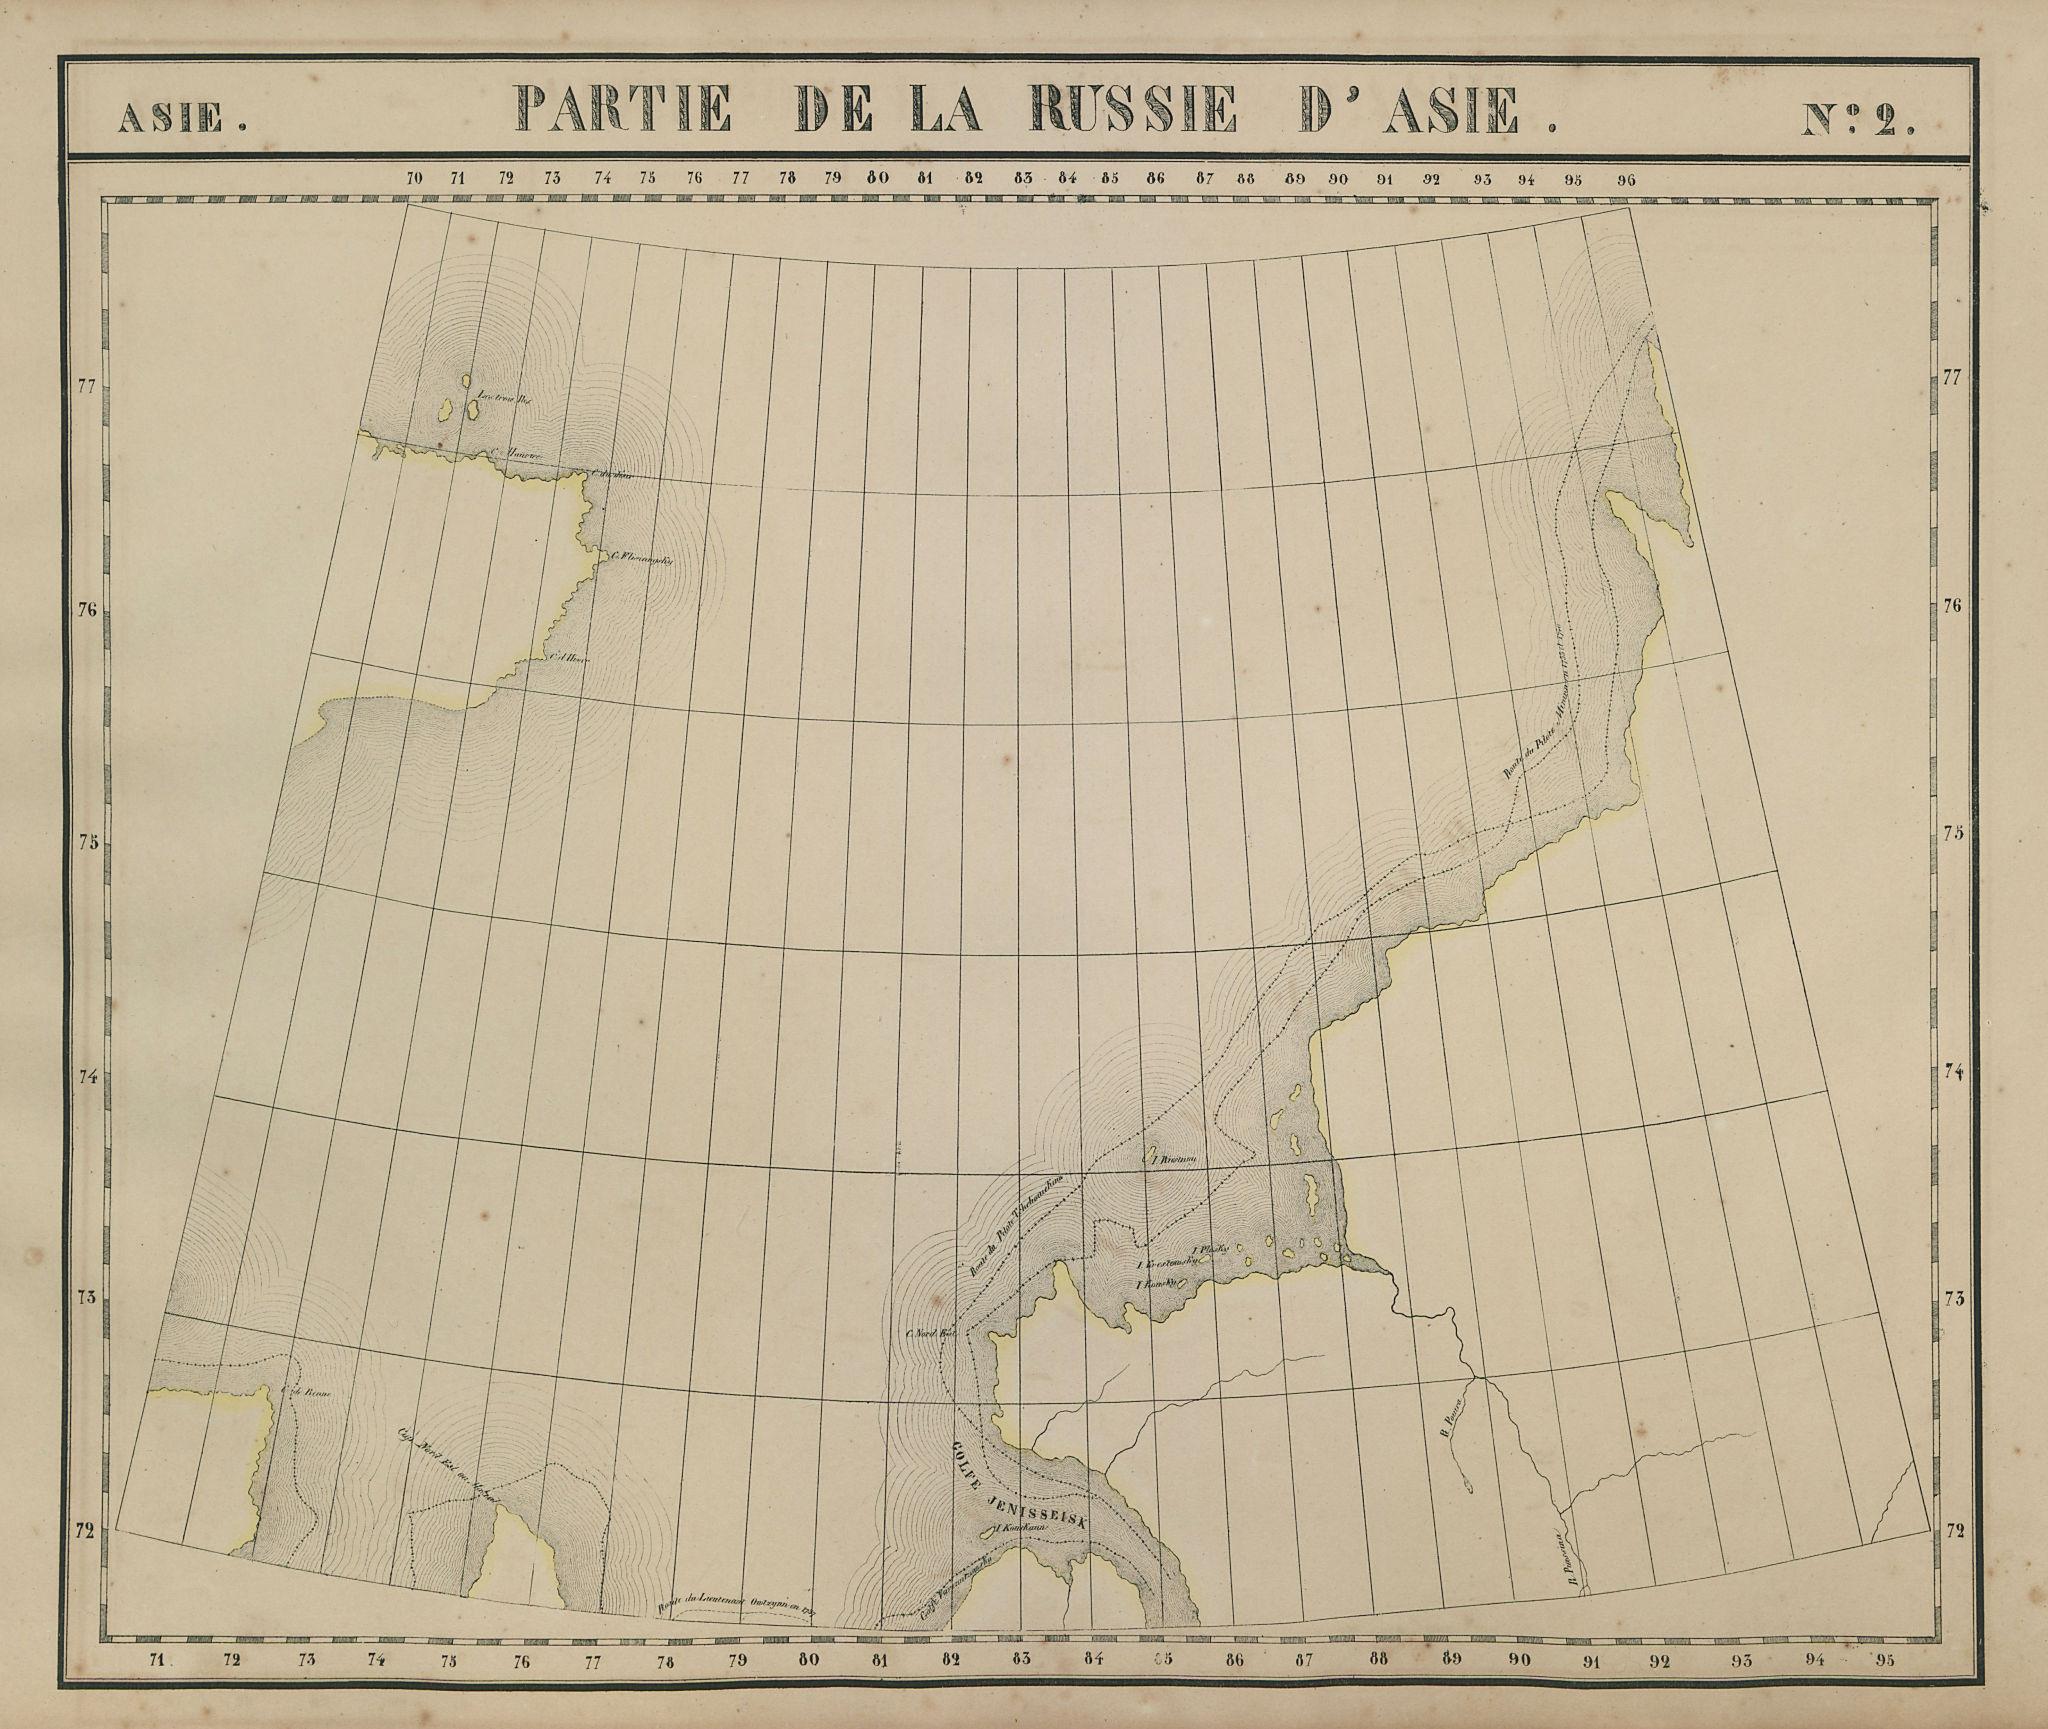 Russie d'Asie #2 Russia. Kara Sea. Taymyr peninsula VANDERMAELEN 1827 old map